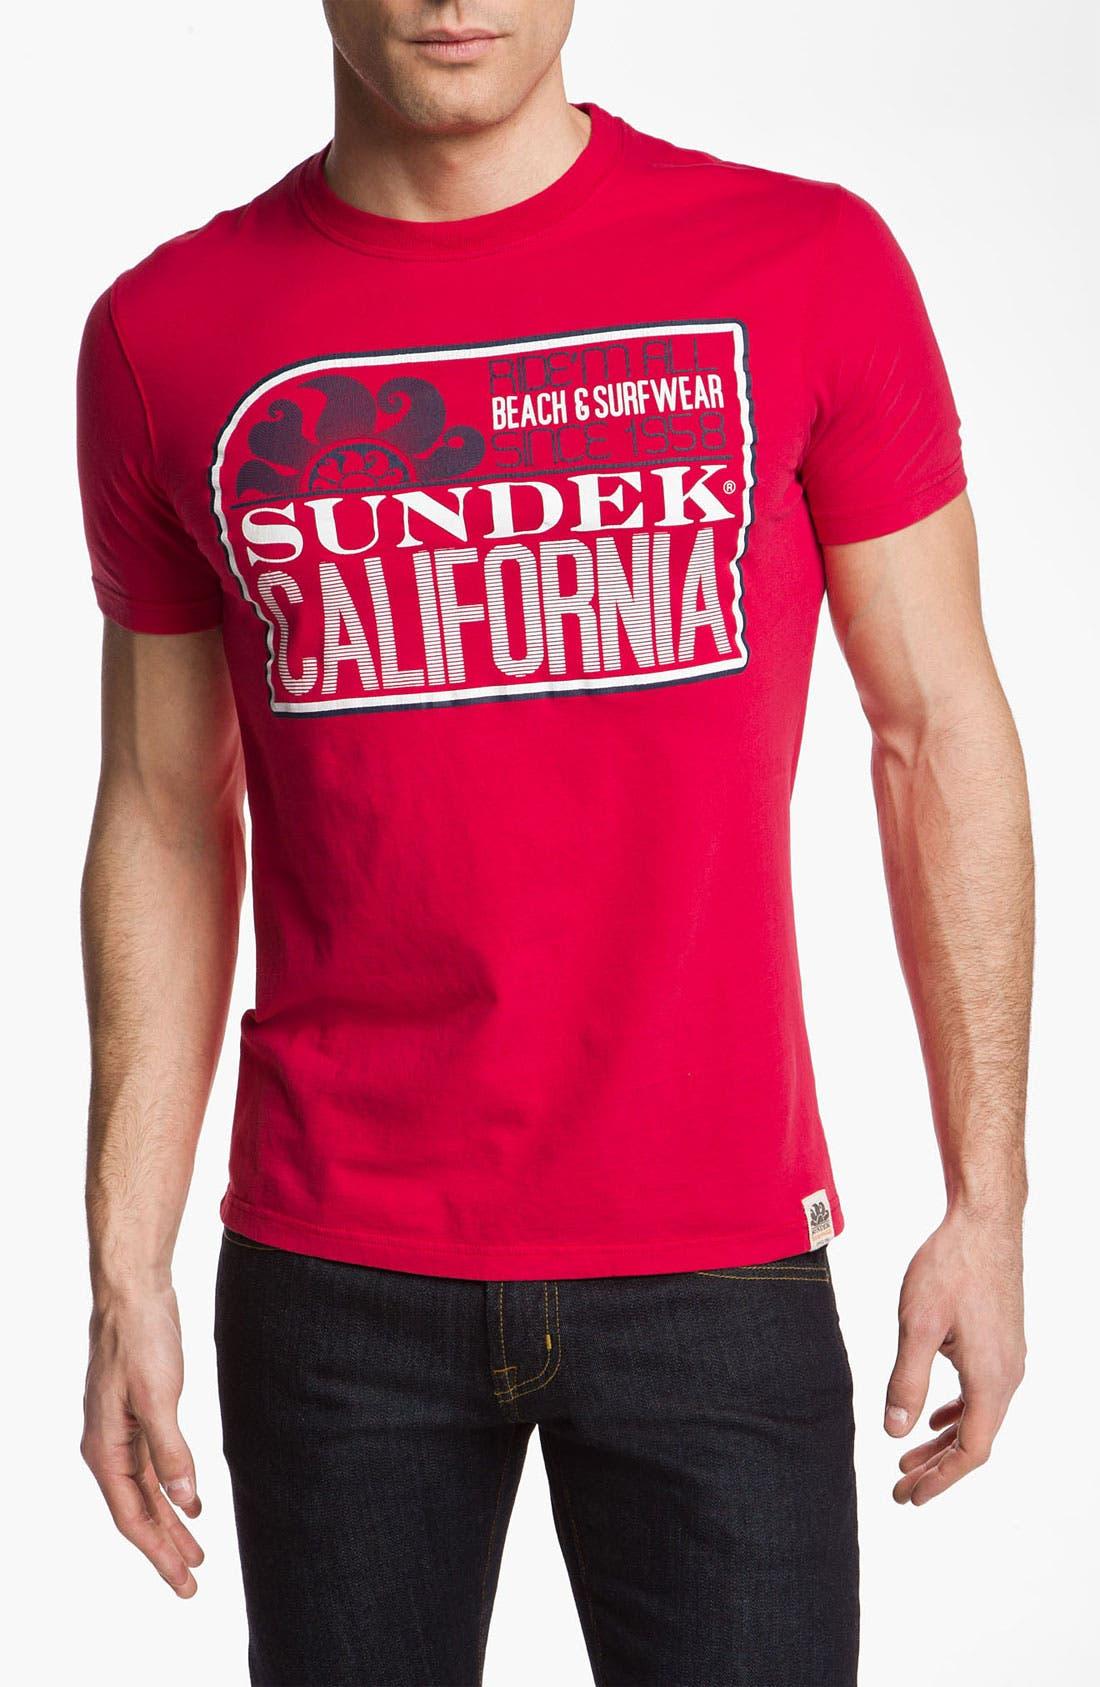 Main Image - Sundek 'California' T-Shirt (Online Only)